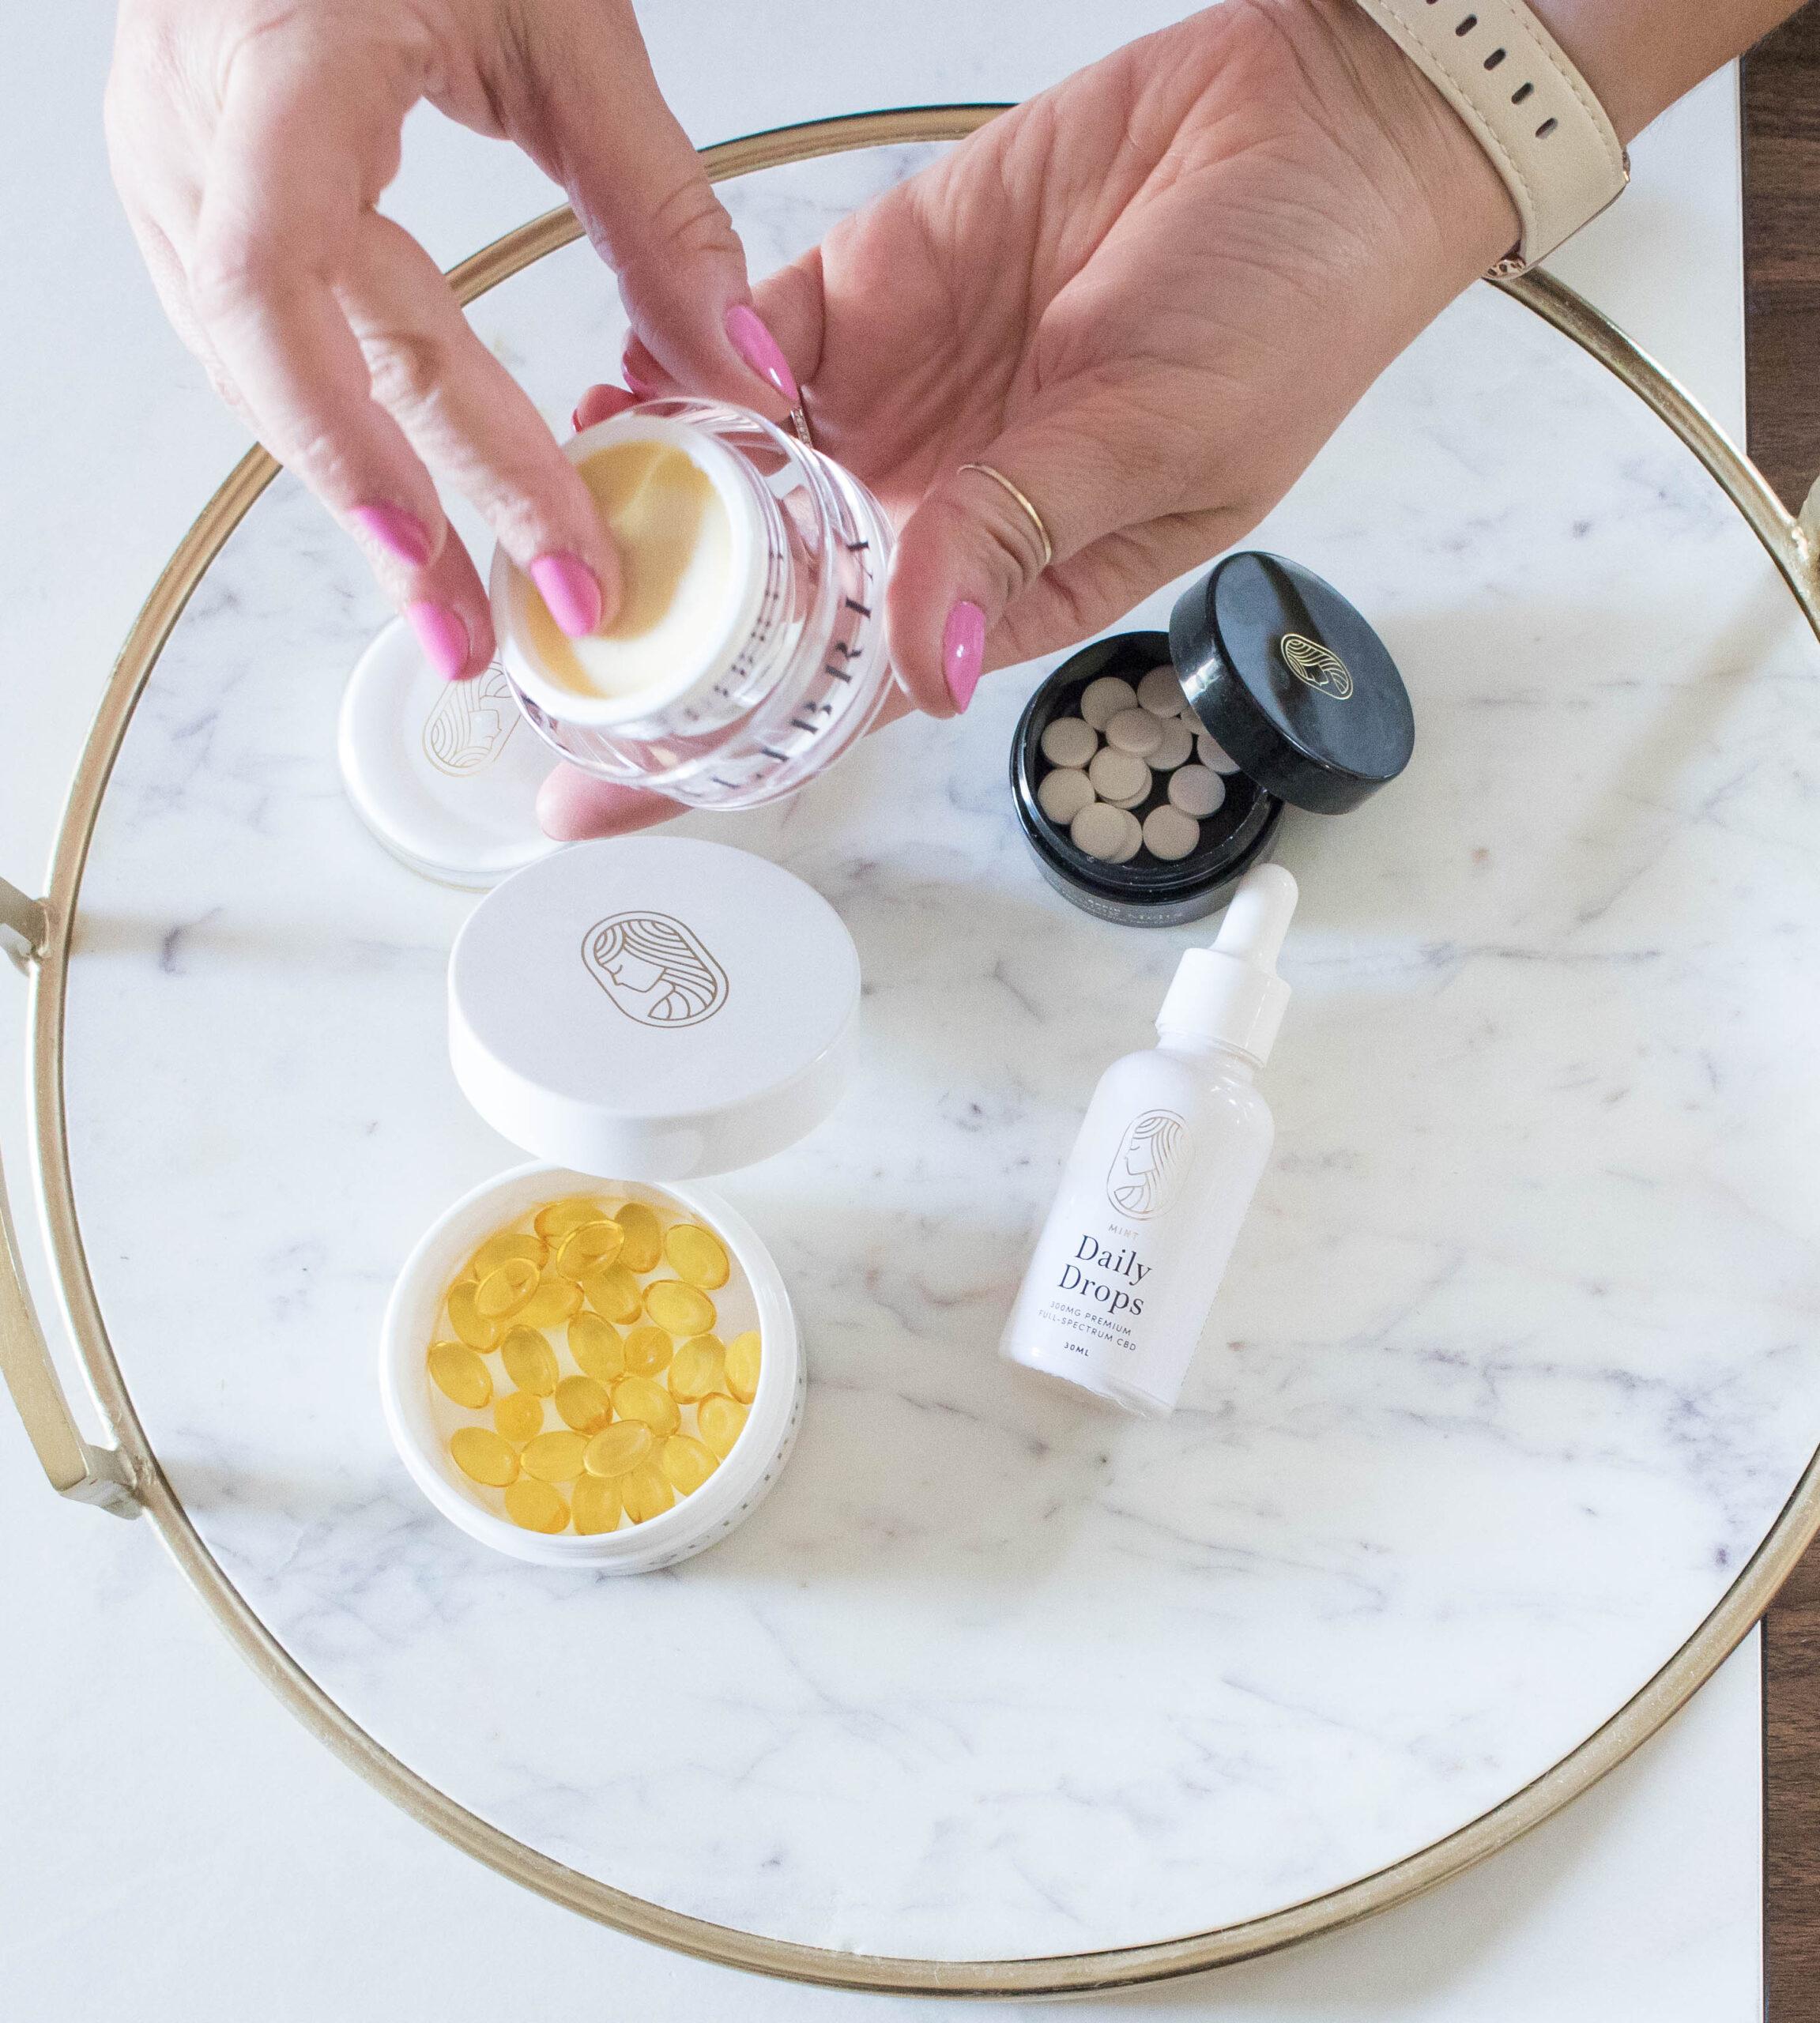 Equilibria CBD relief cream review #myeq #cbdcream #cbdproduts